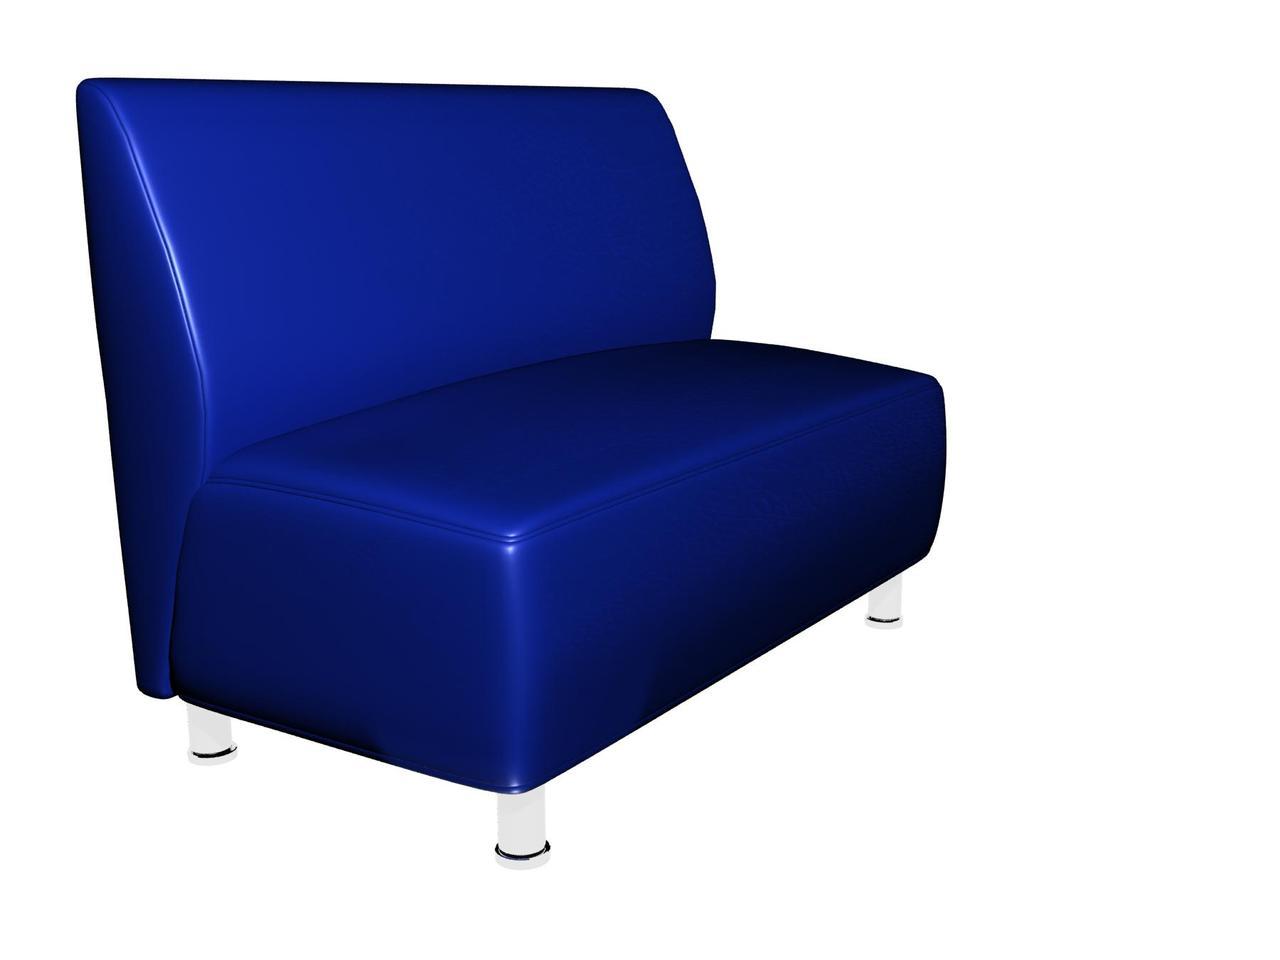 Диван Актив Sentenzo 1200x700x900 мм Синій (23248942212)